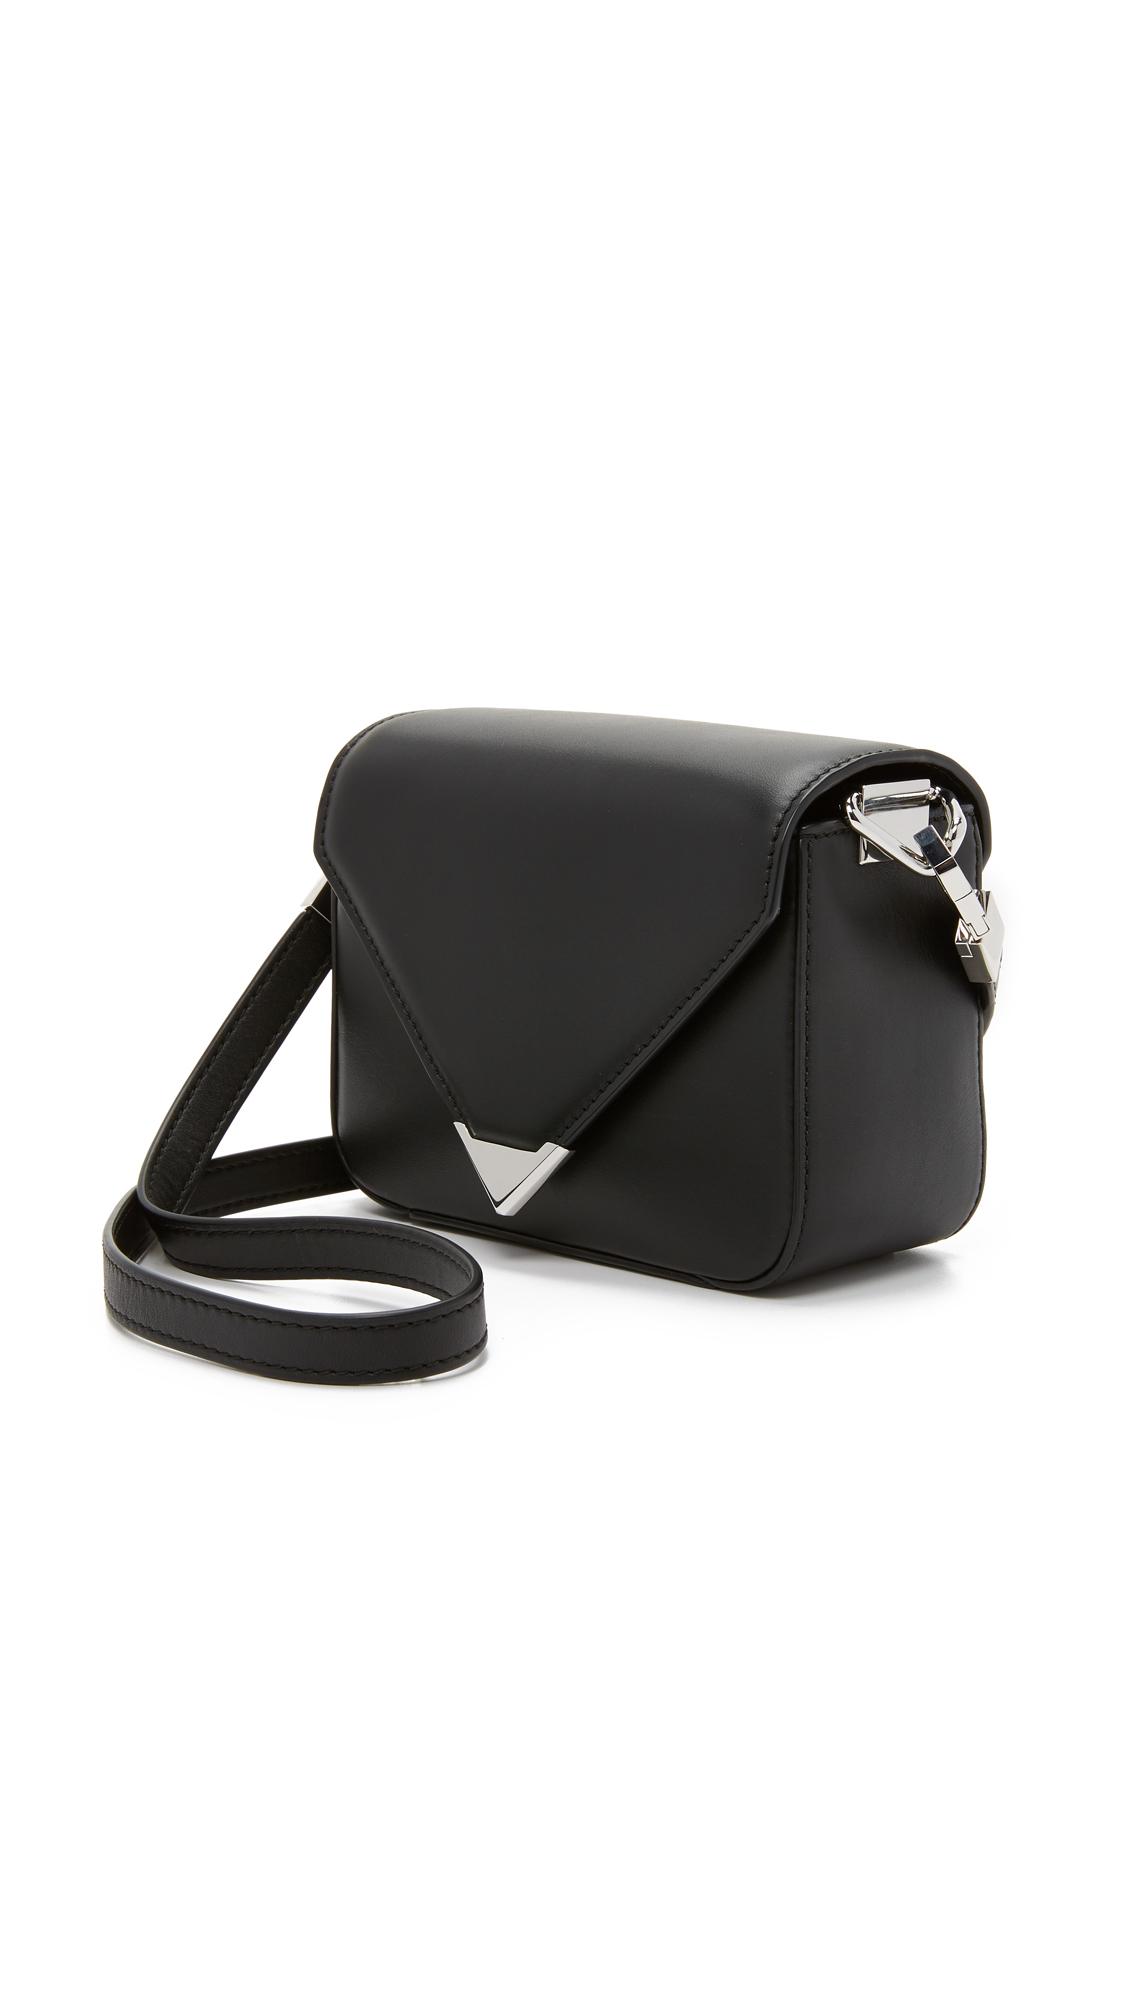 Alexander Wang Crossbody Bag